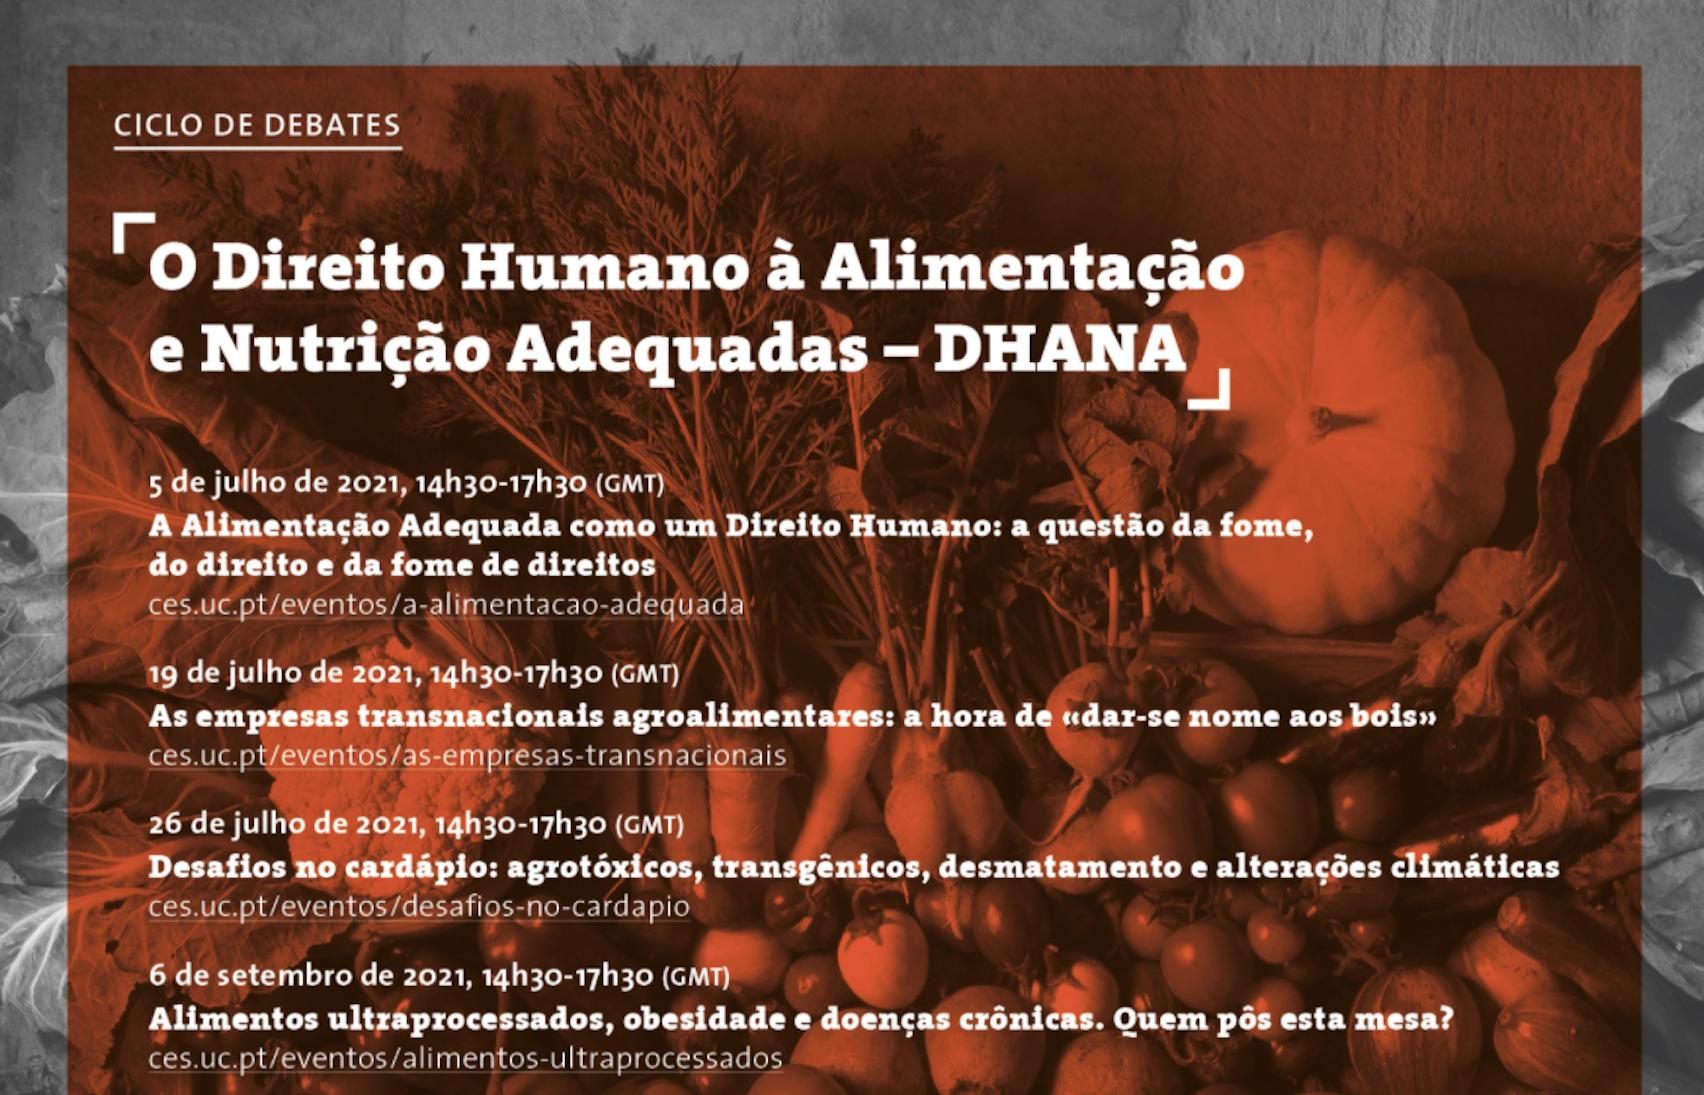 Ciclo de Debates sobre O Direito Humano à Alimentação e Nutrição Adequadas (DHANA)